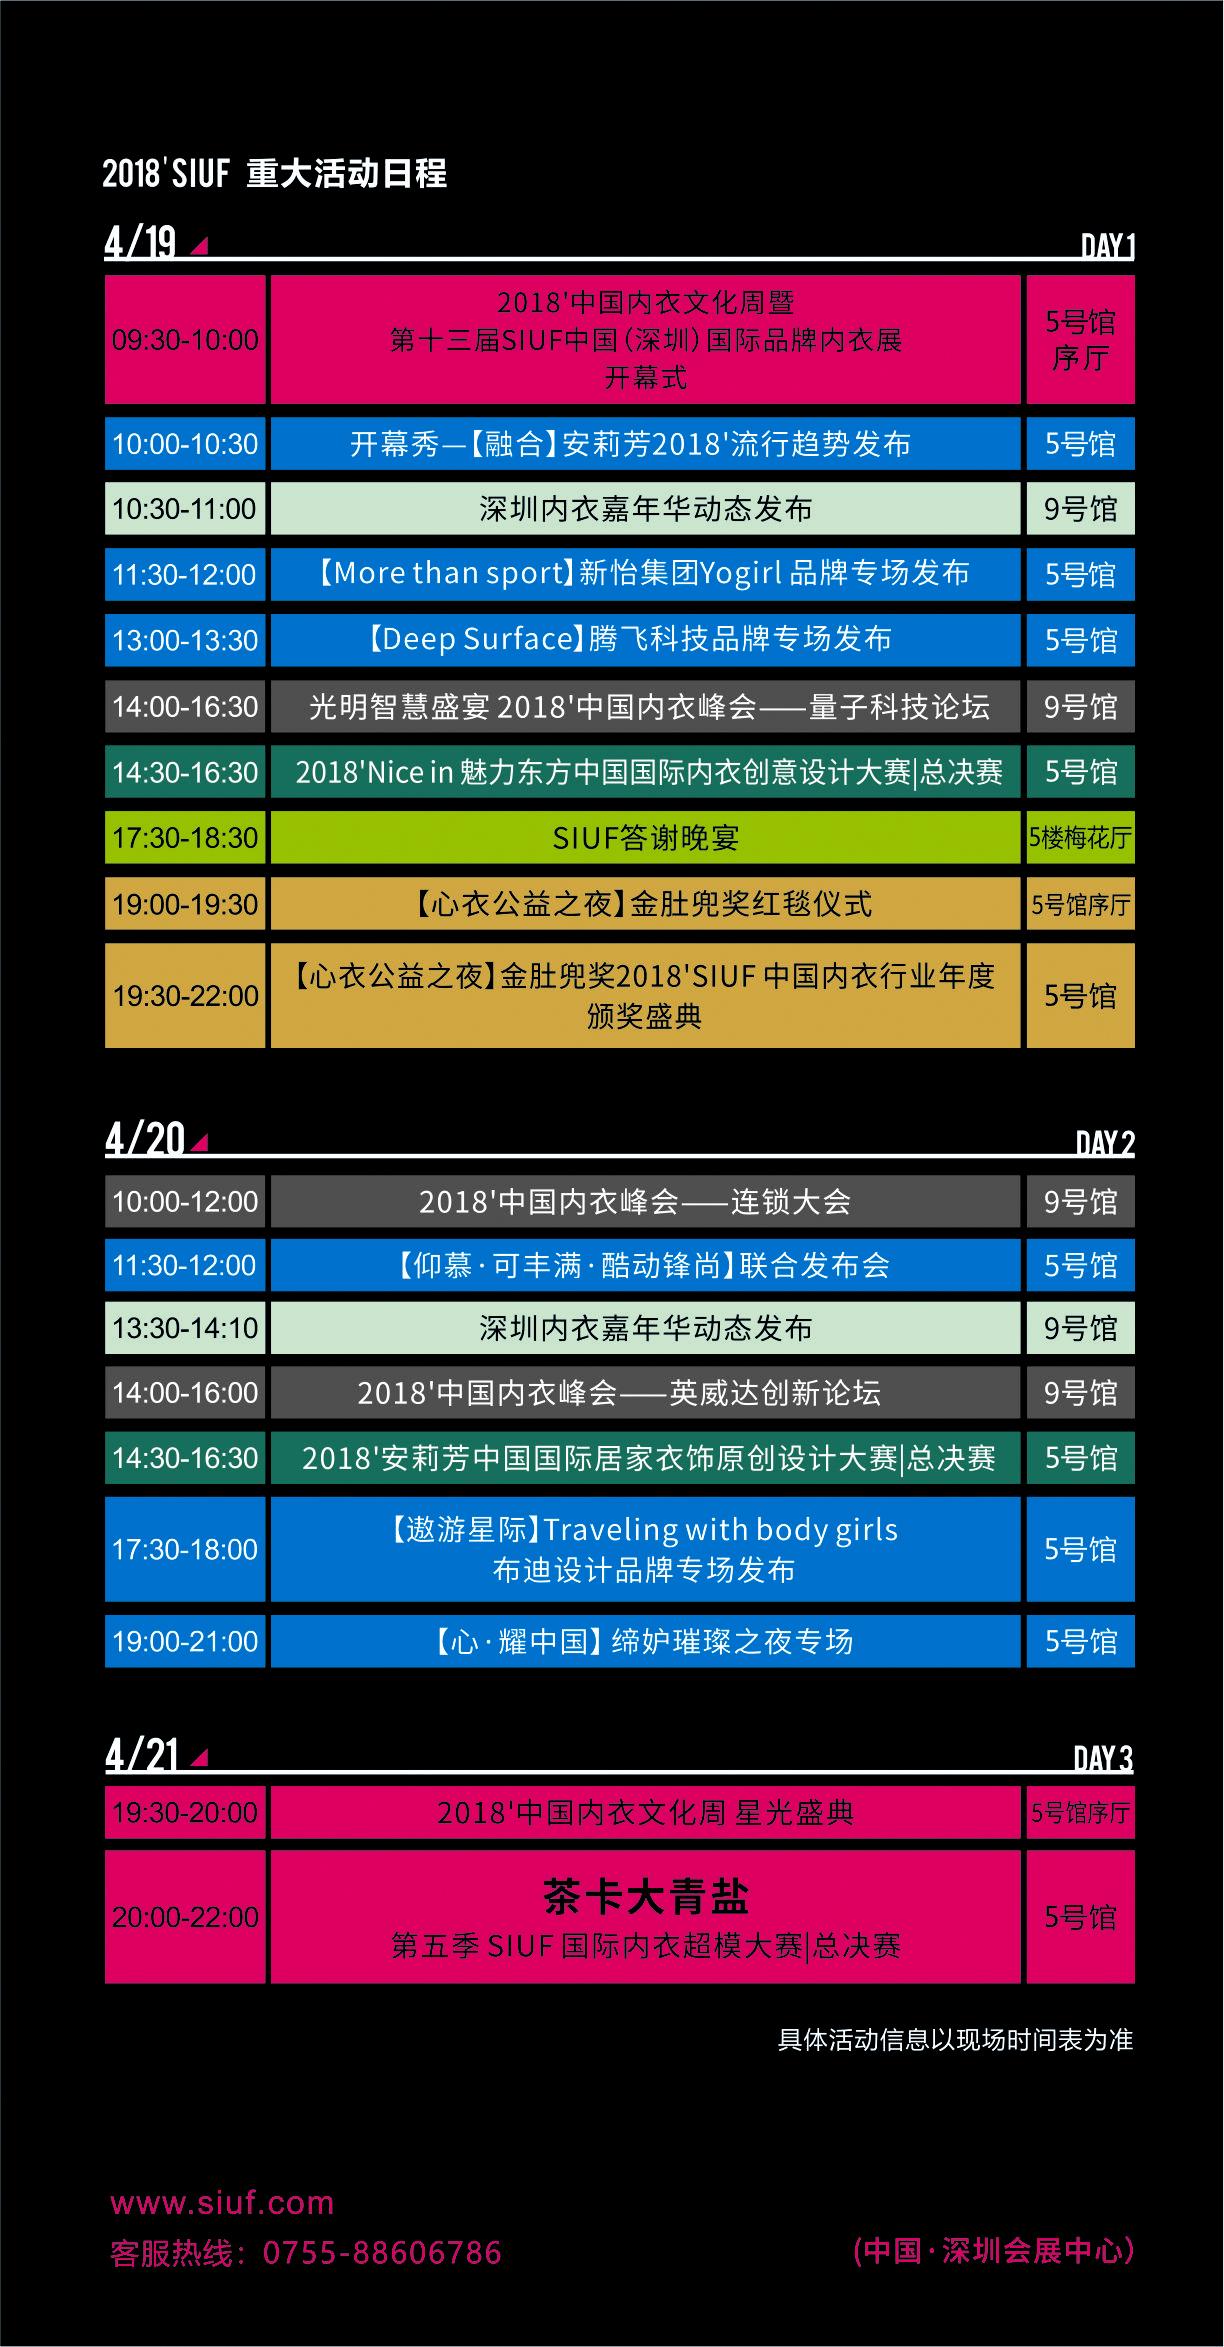 2018年第13届中国(深圳)国际品牌内衣展 活动日程